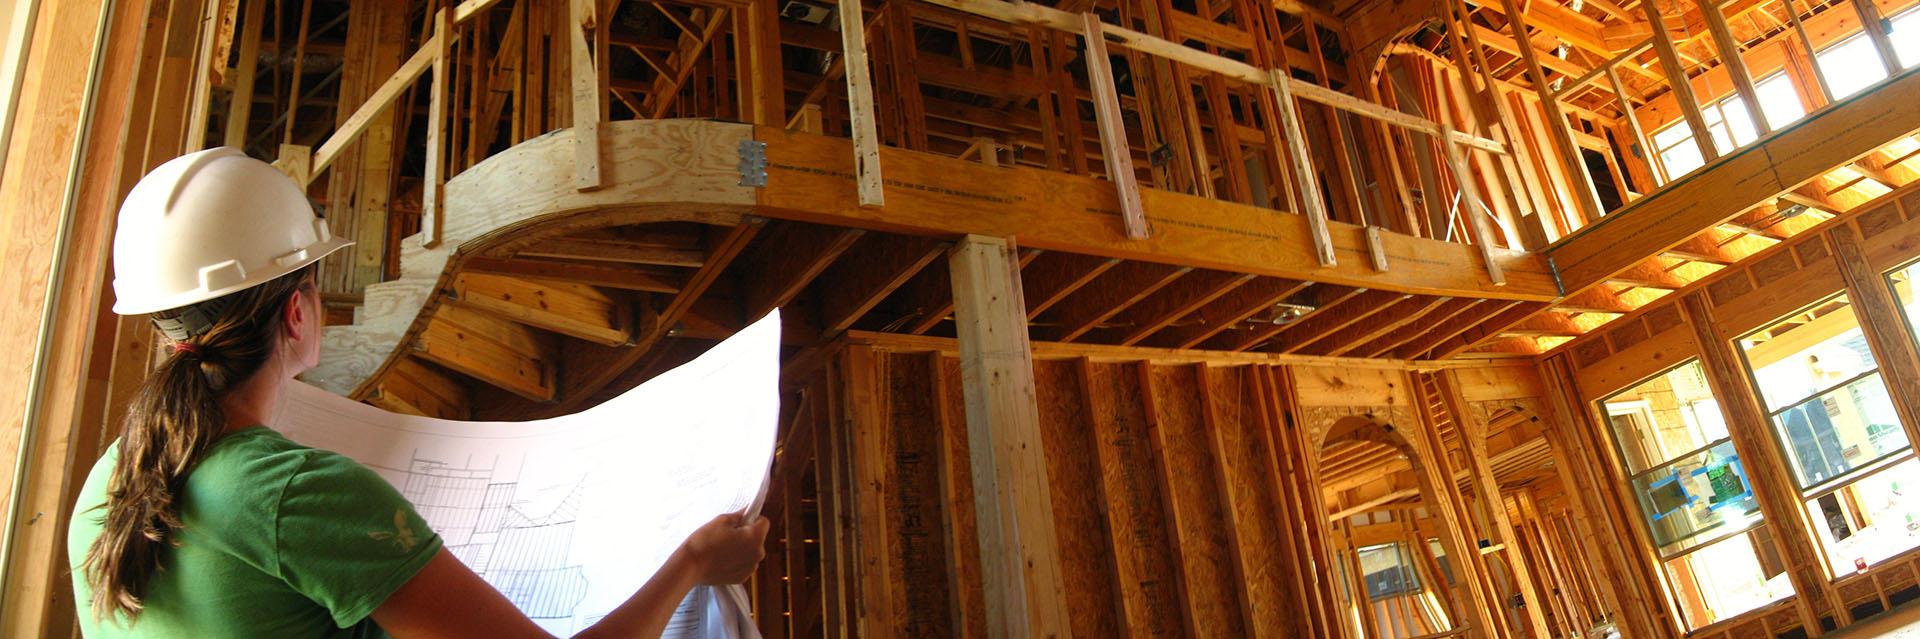 erica wood frame